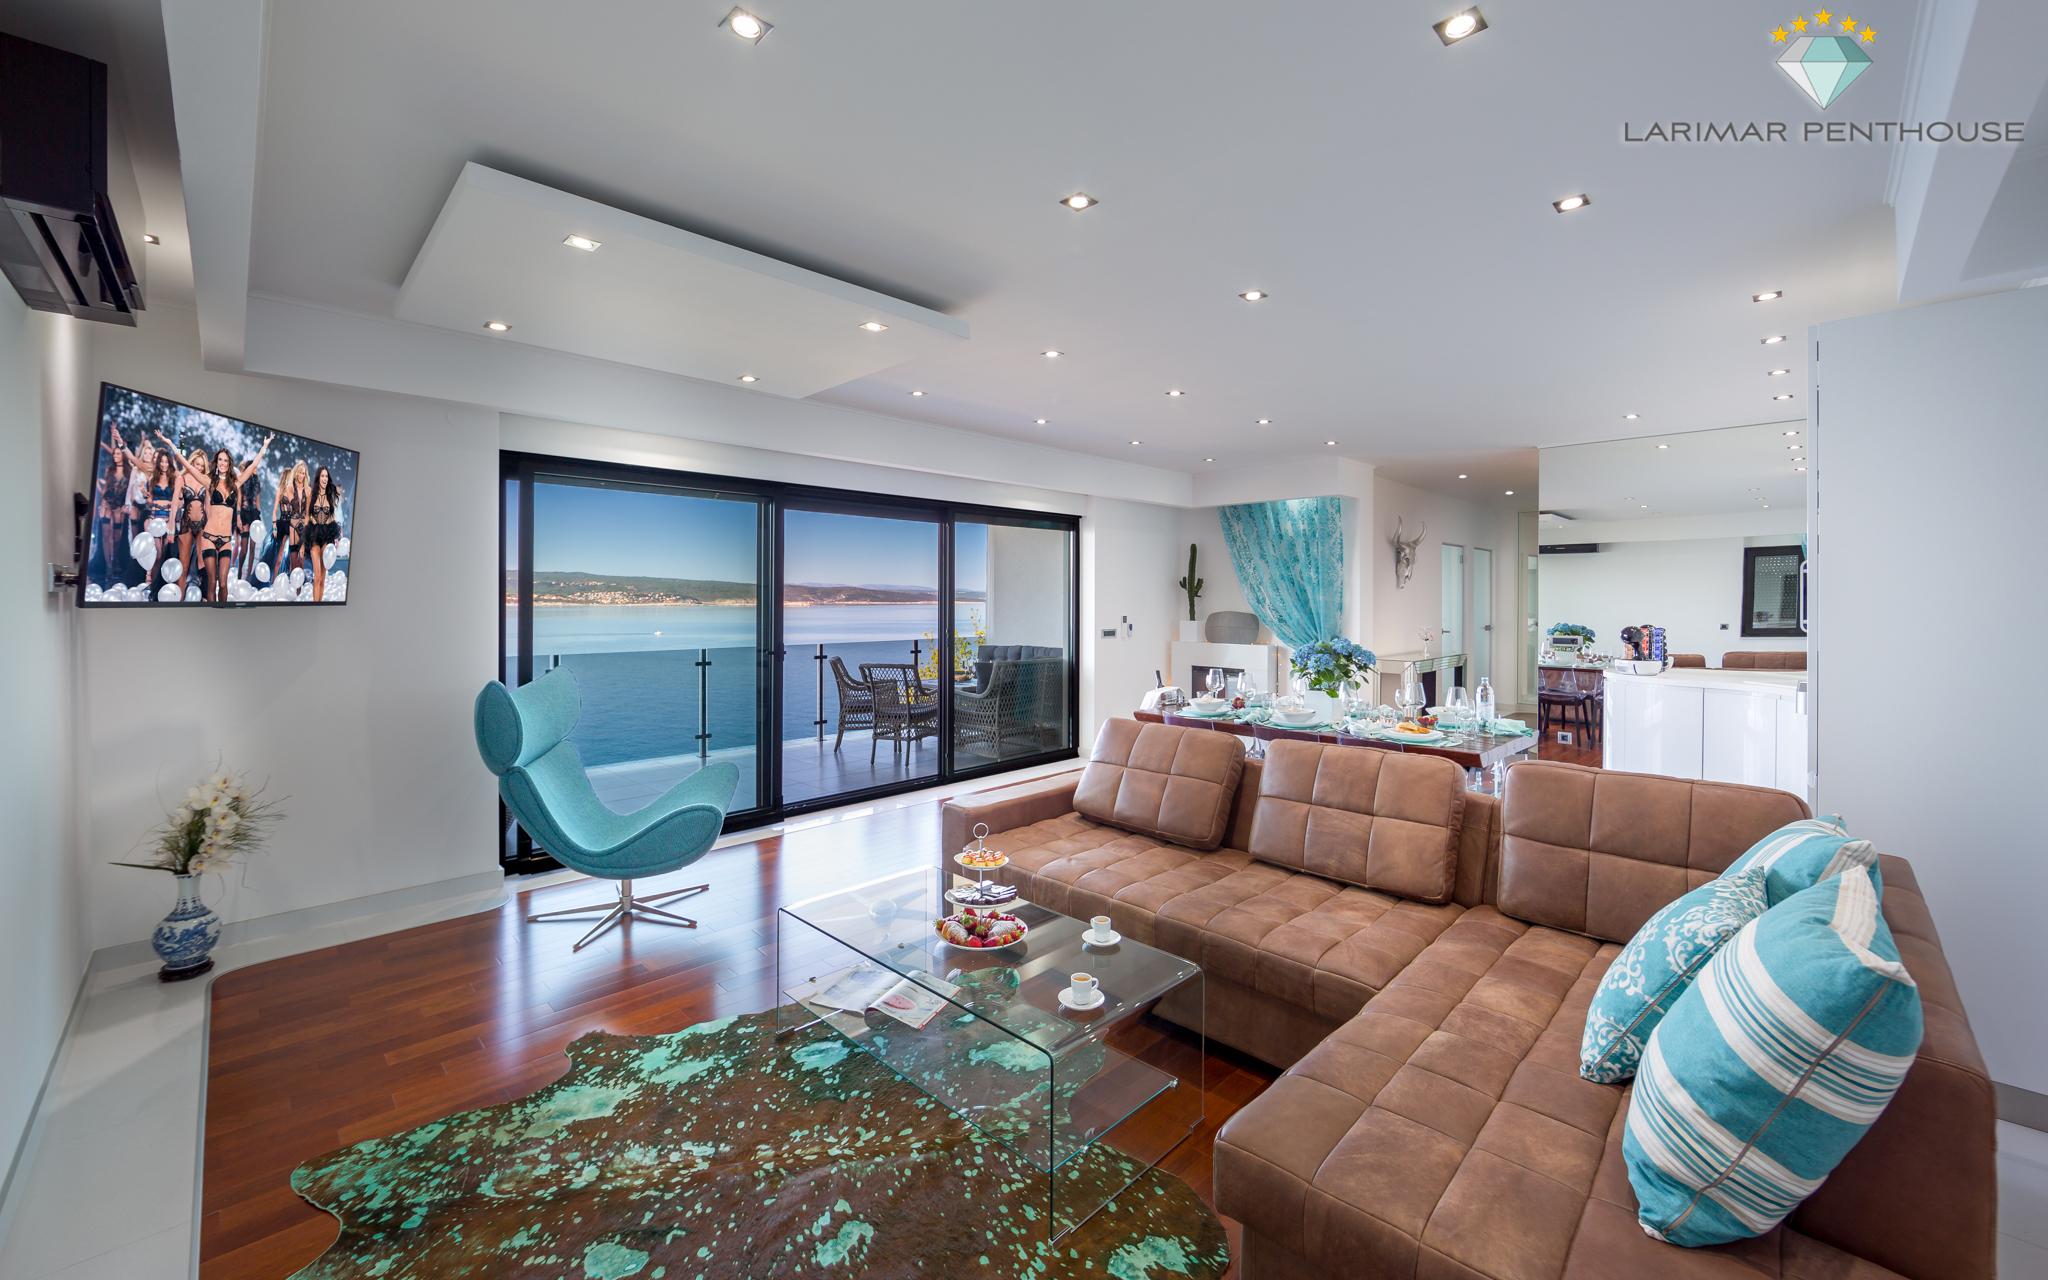 Larimar Penthouse 5